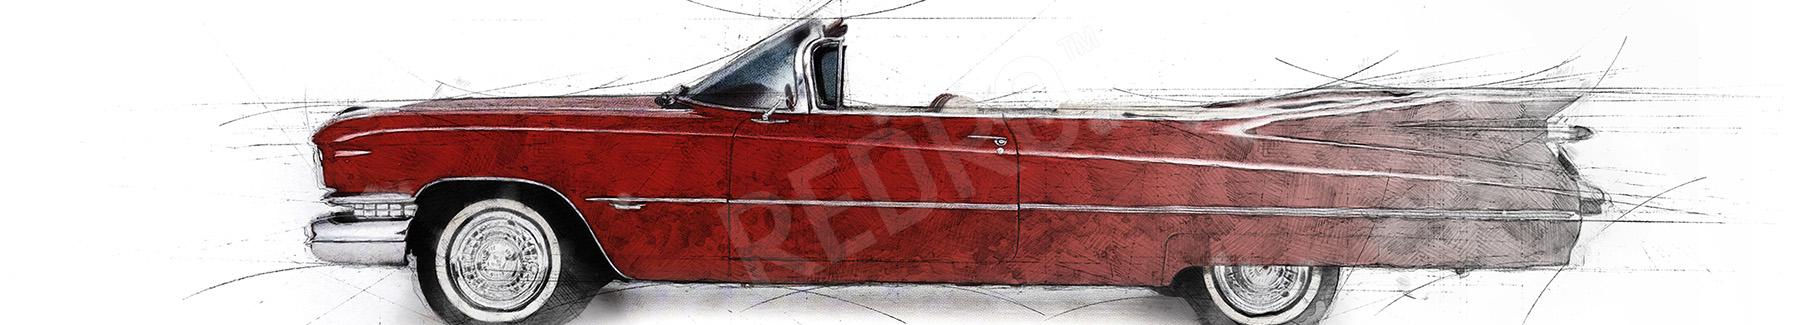 Obraz sportowy samochód